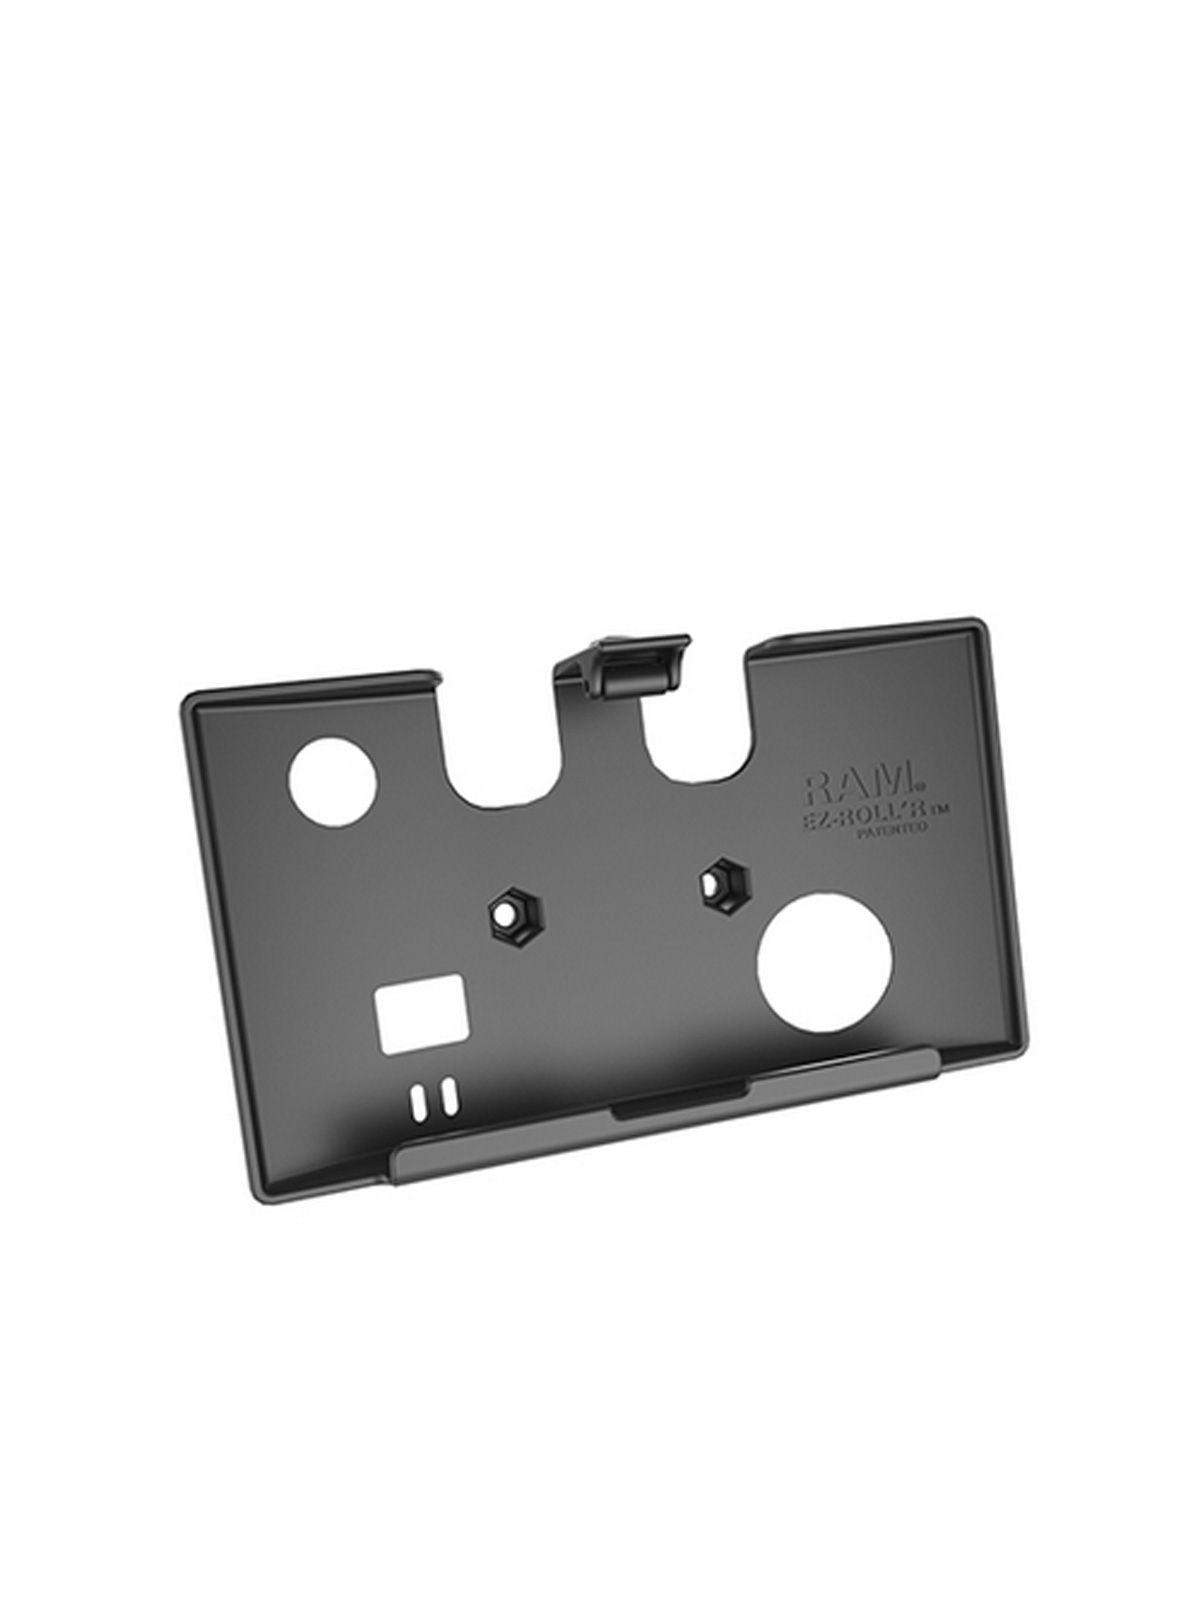 RAM Mounts Gerätehalteschale für Garmin Nüvi 2689LMT (ohne Schutzhüllen) - Diamond-Anbindung (Trapez), Schrauben-Set, im Polybeutel